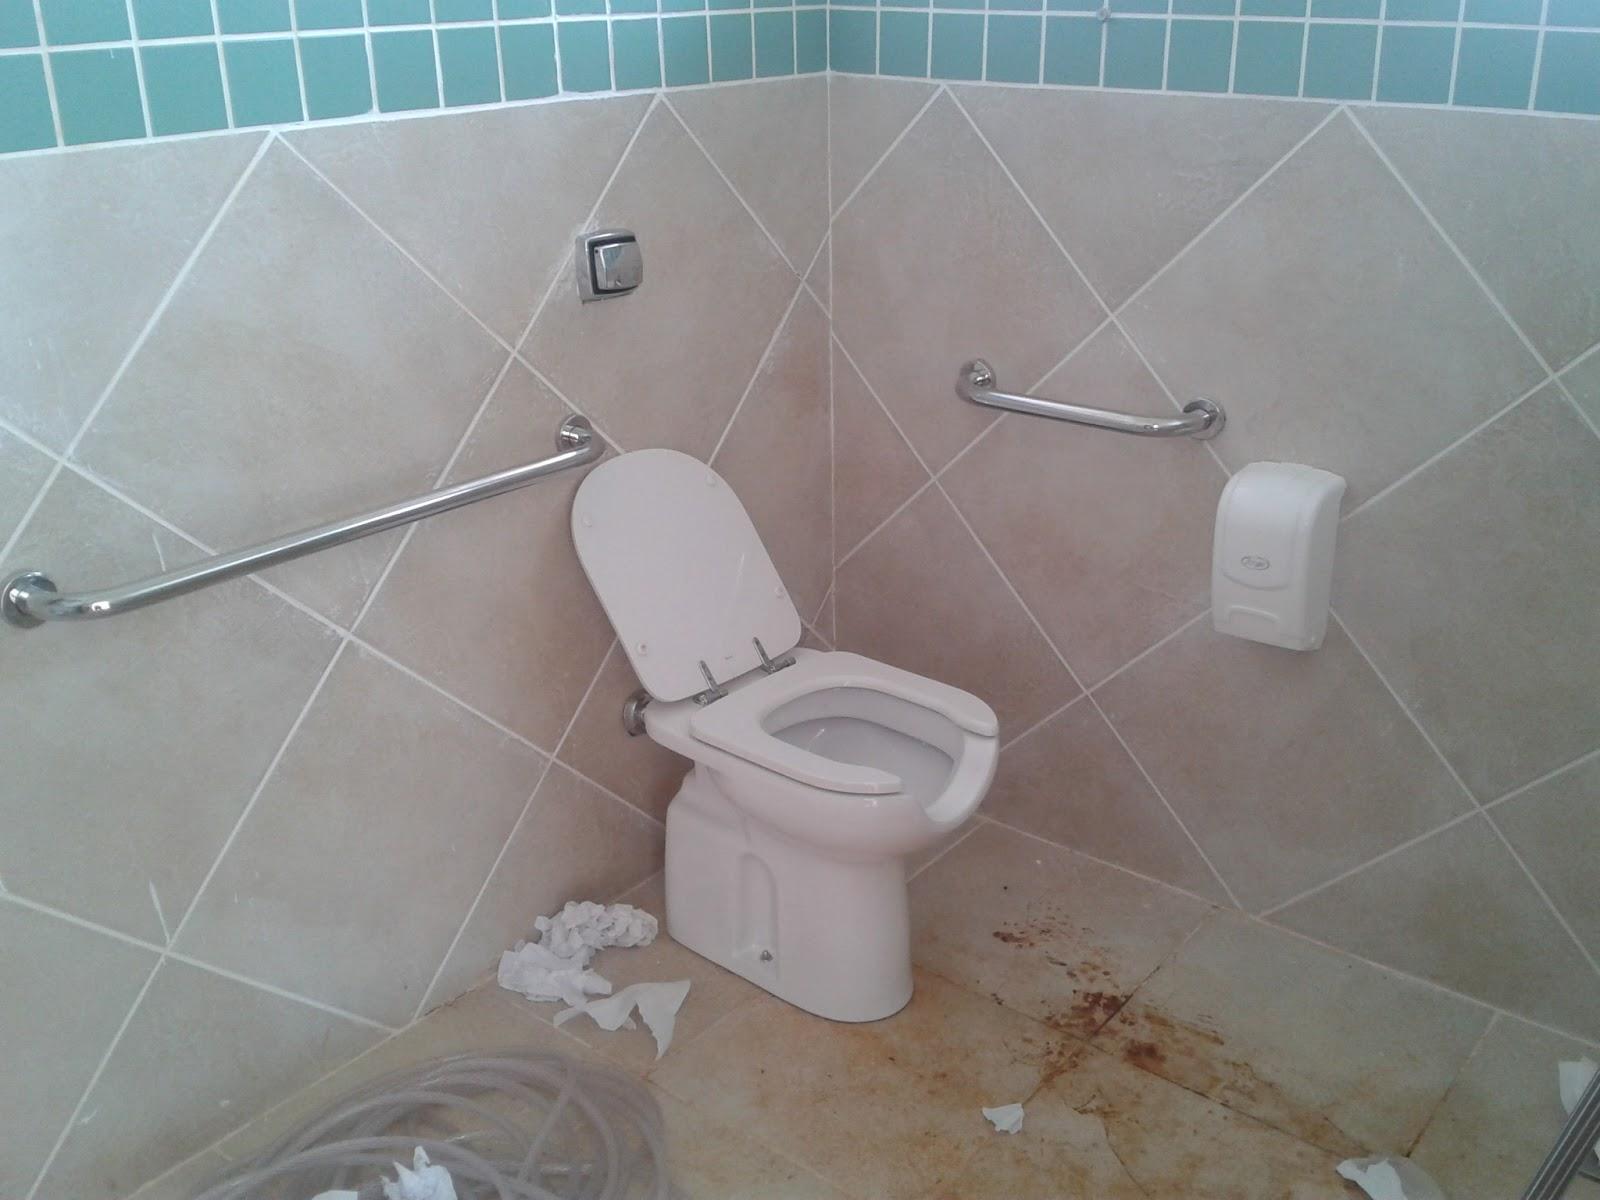 banheiro para deficientes antes da limpeza banheiro para deficientes  #4D757E 1600 1200